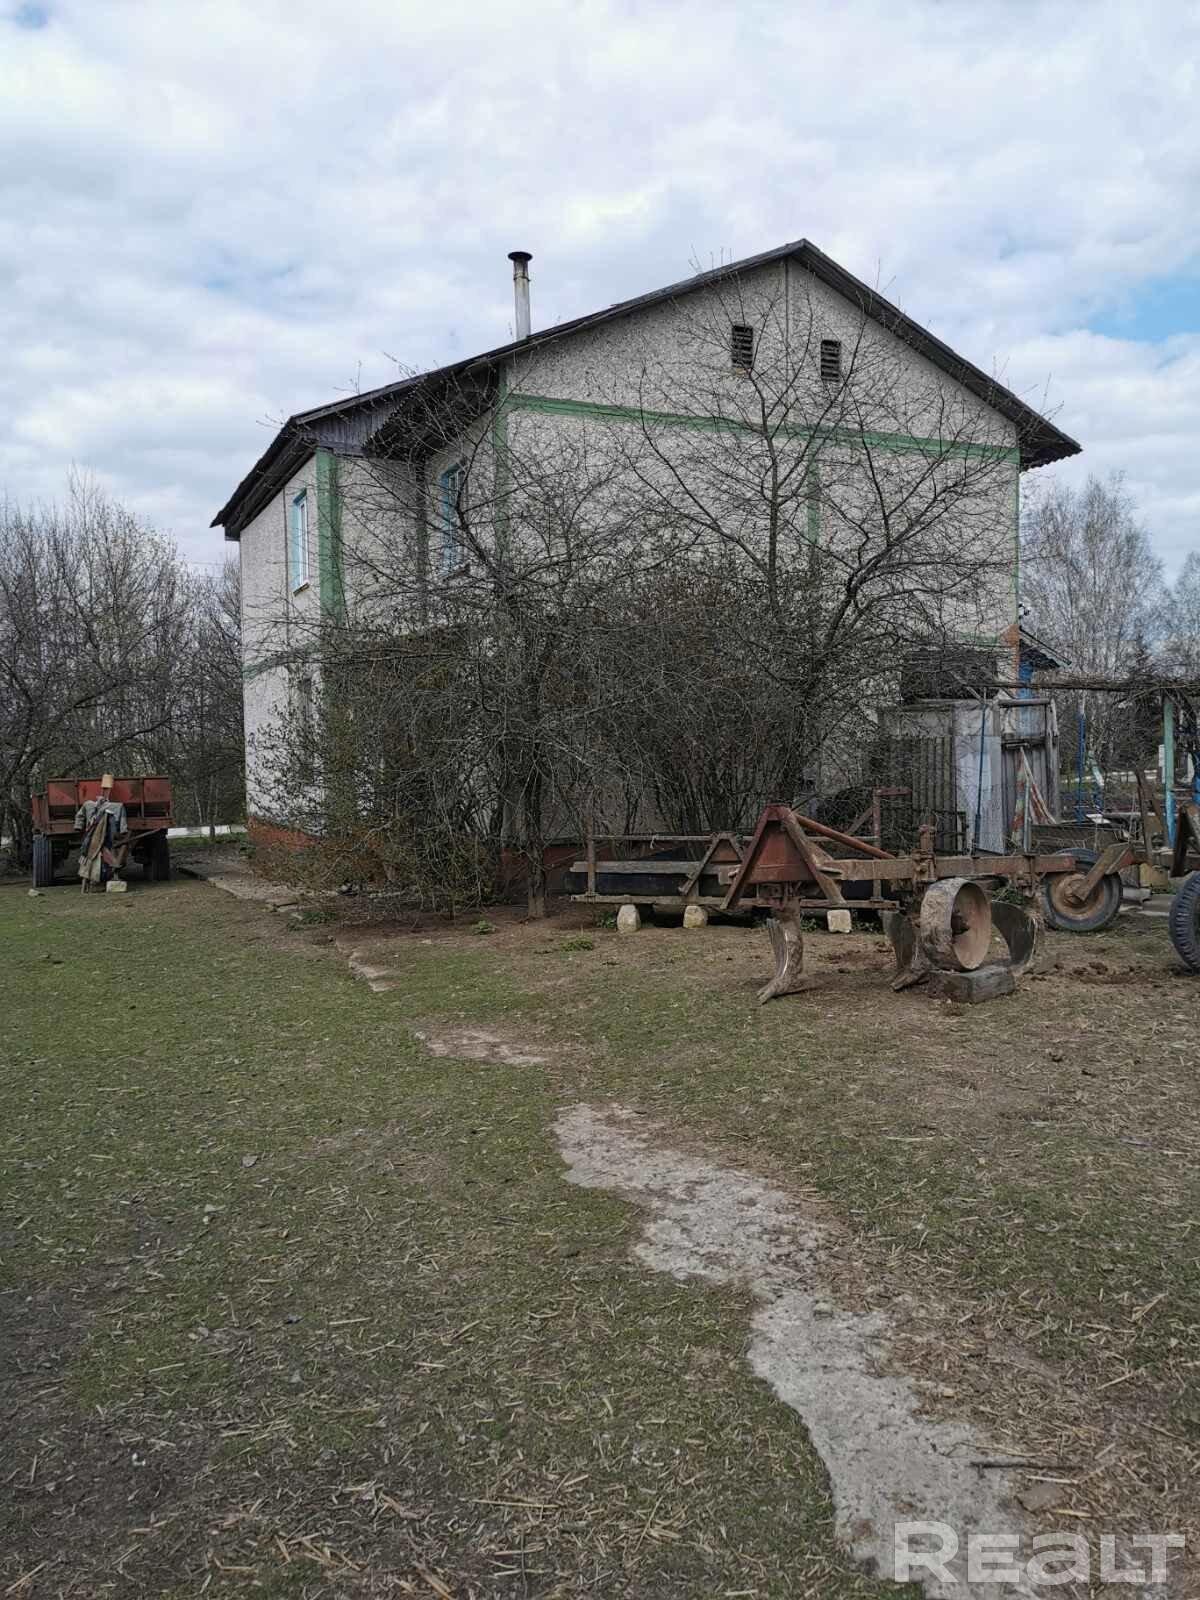 Продажа 3-х комнатной квартиры в аг. Рясно, ул. Озерная, дом 30. Цена 16 251 руб c торгом